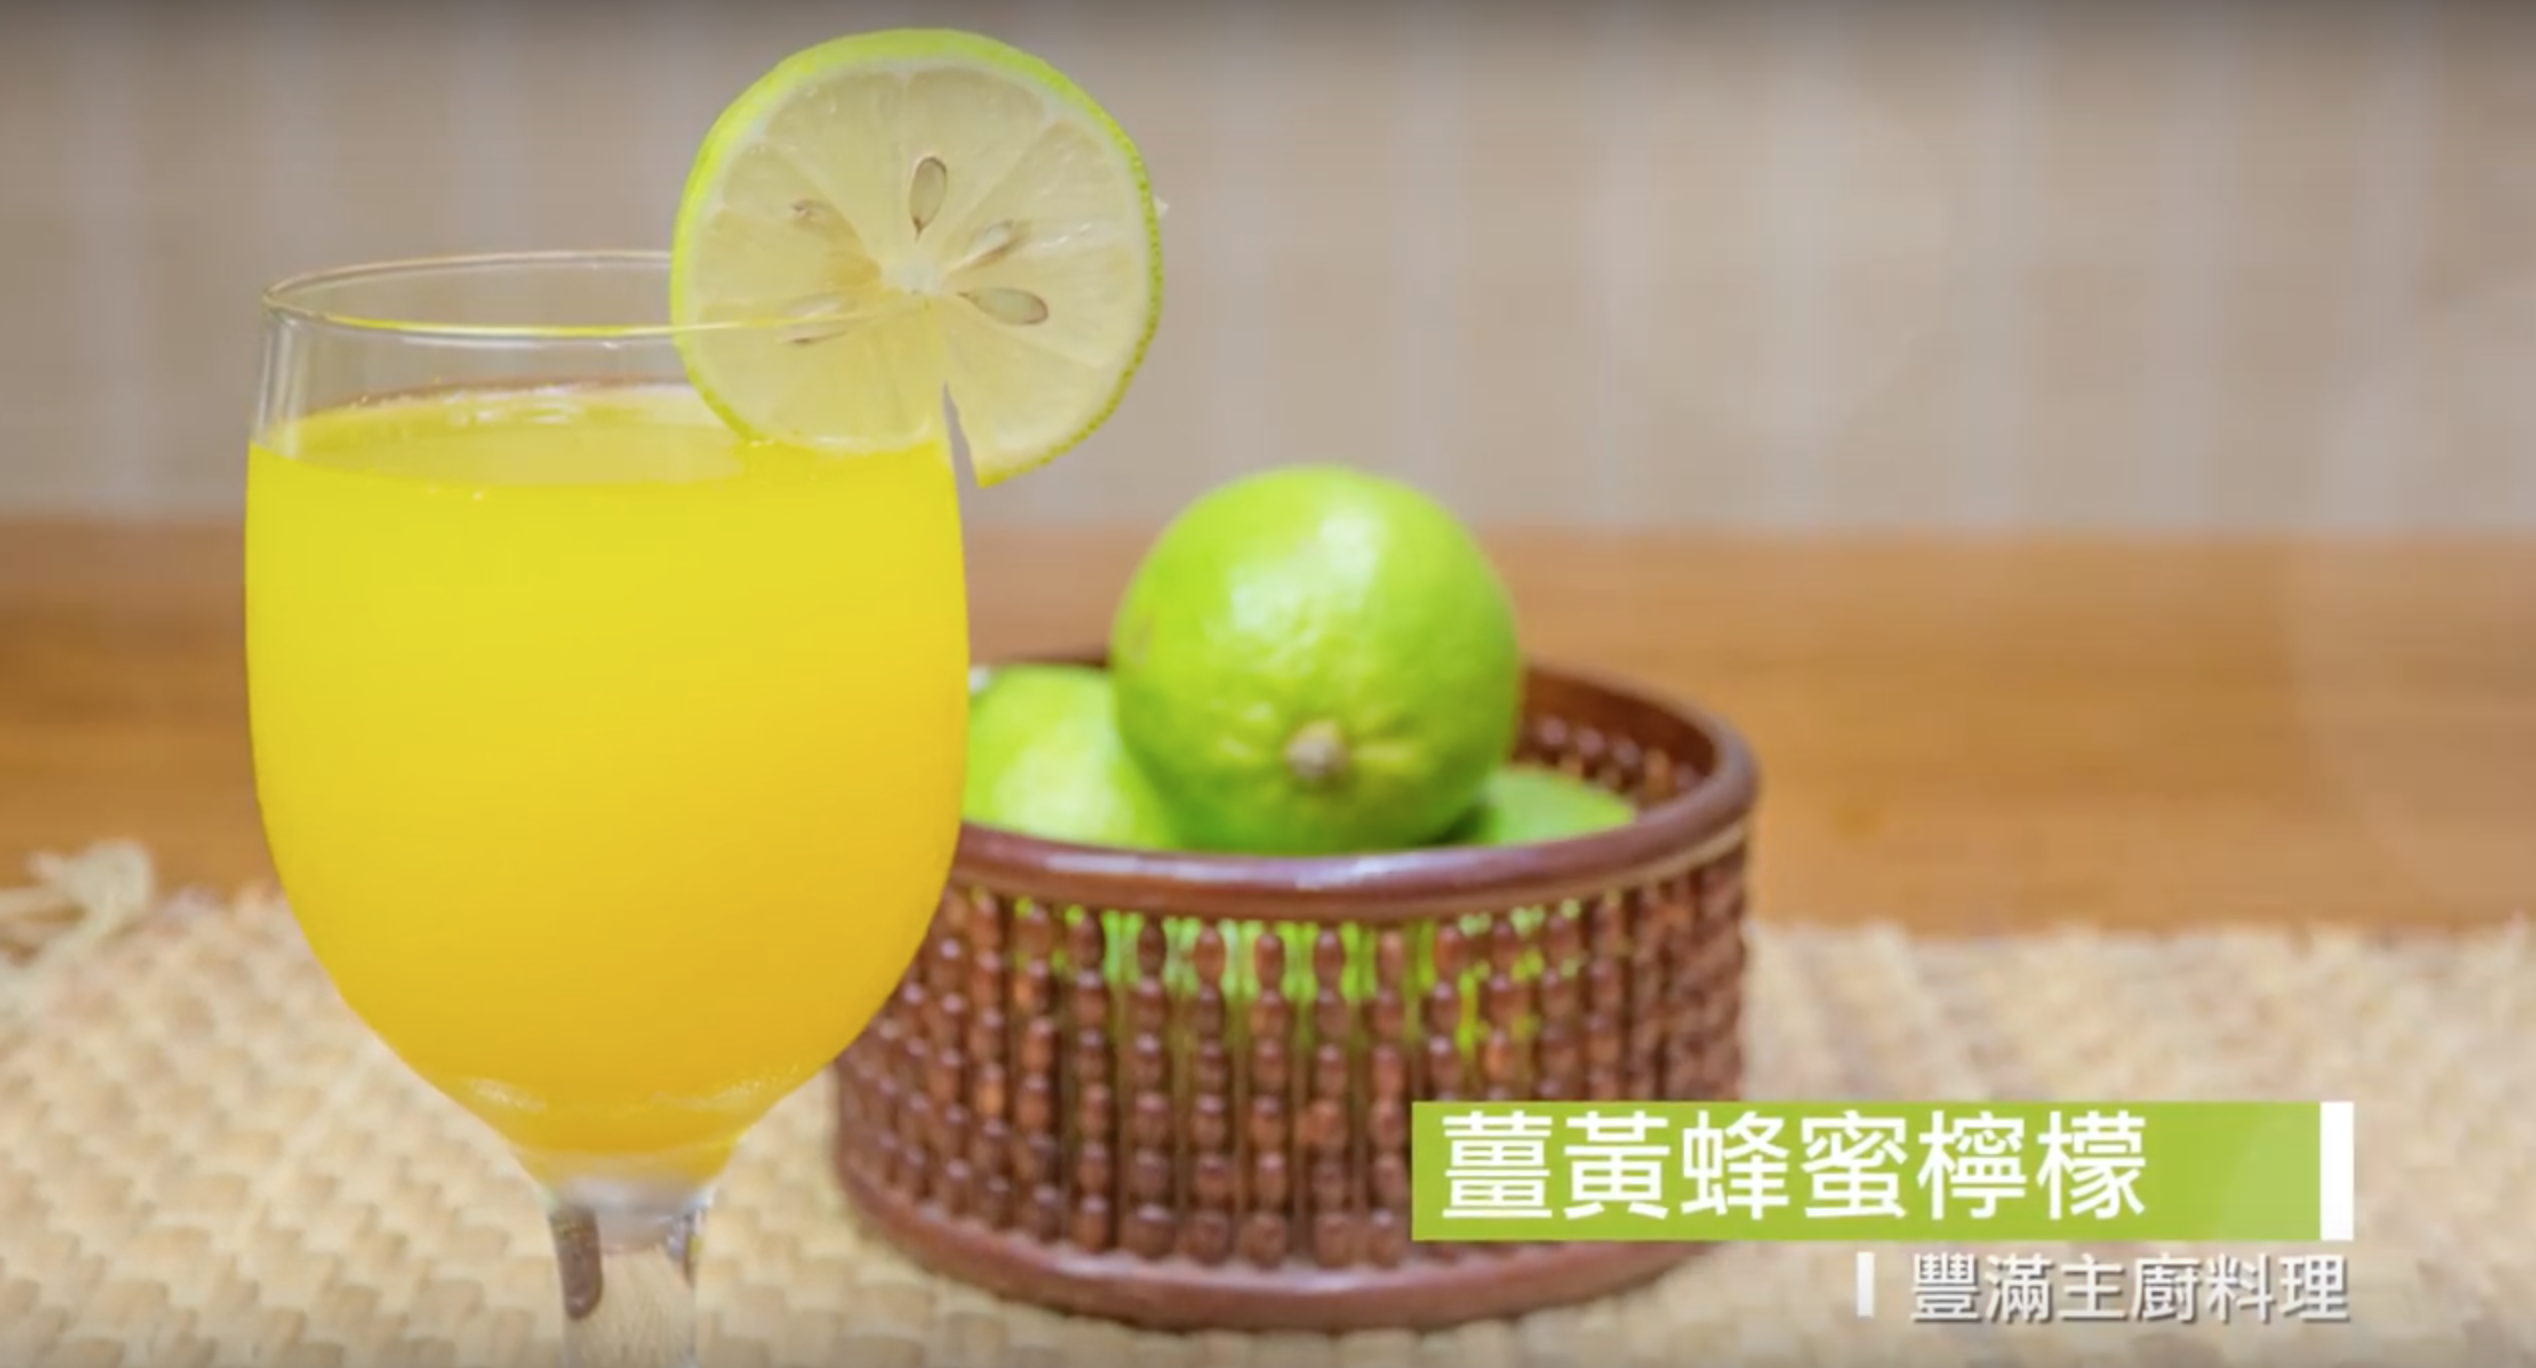 紅薑黃薑黃飲料|薑黃蜂蜜檸檬